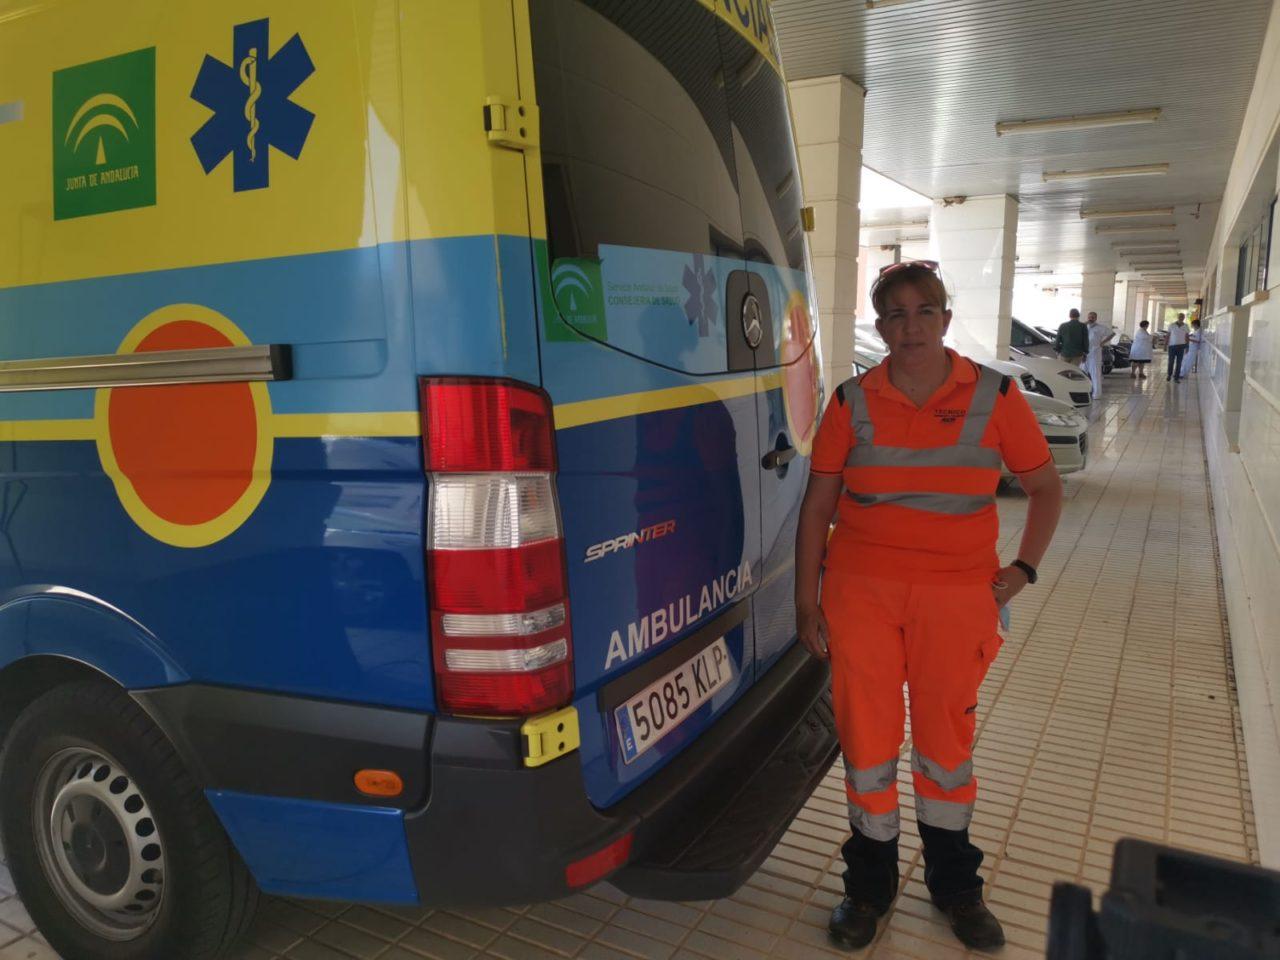 https://ambulancias-malaga.com/wp-content/uploads/2020/10/3ee09b9a-8b4e-431d-ad2e-4cb1b66c5d22-1280x960.jpg